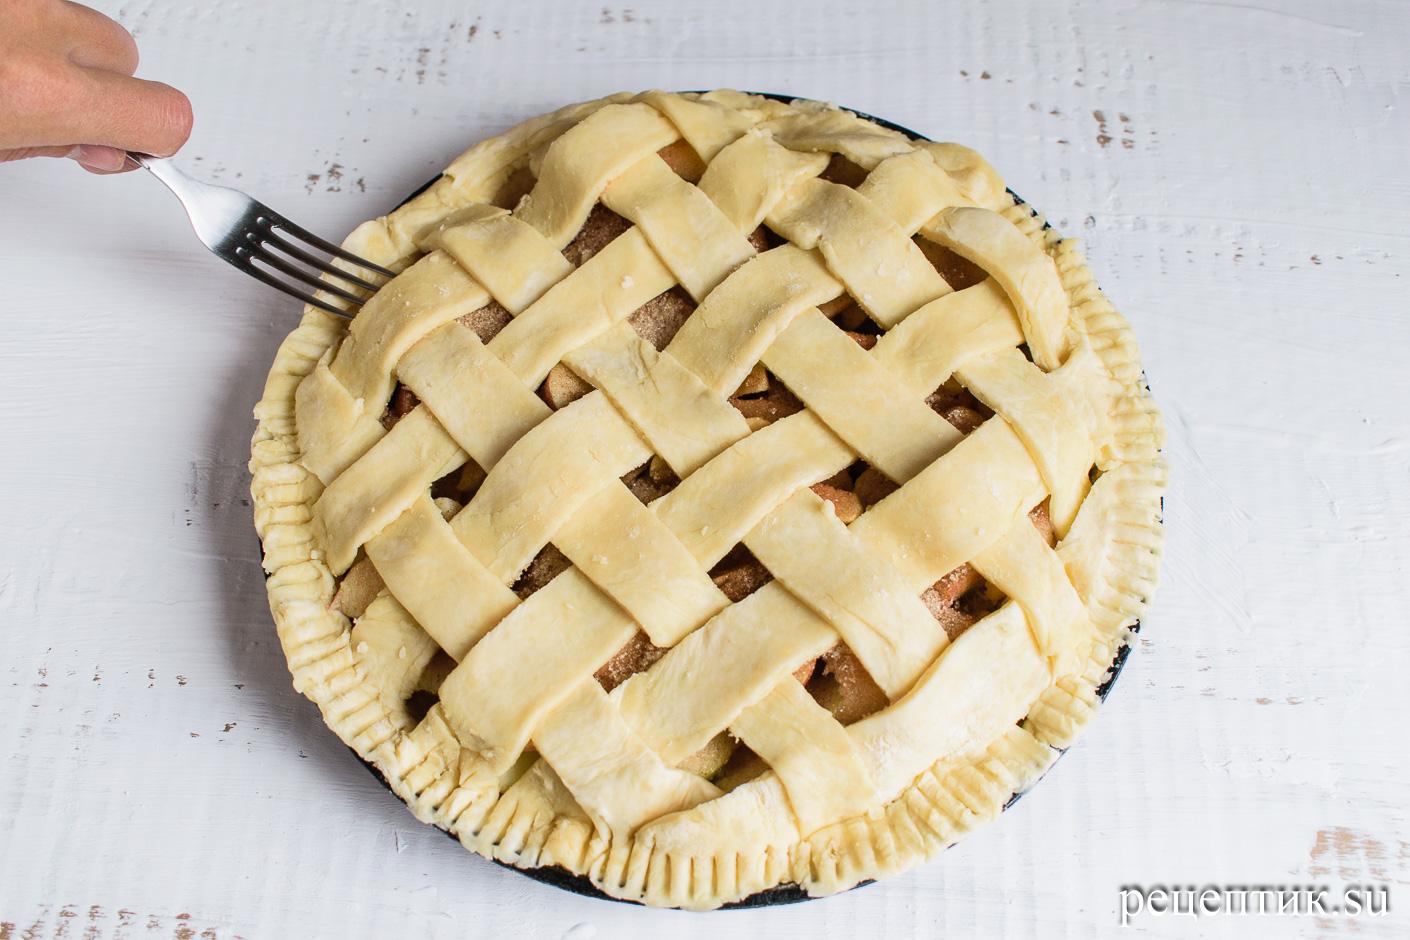 Яблочный пирог с решеткой из песочного теста - рецепт с фото, шаг 9